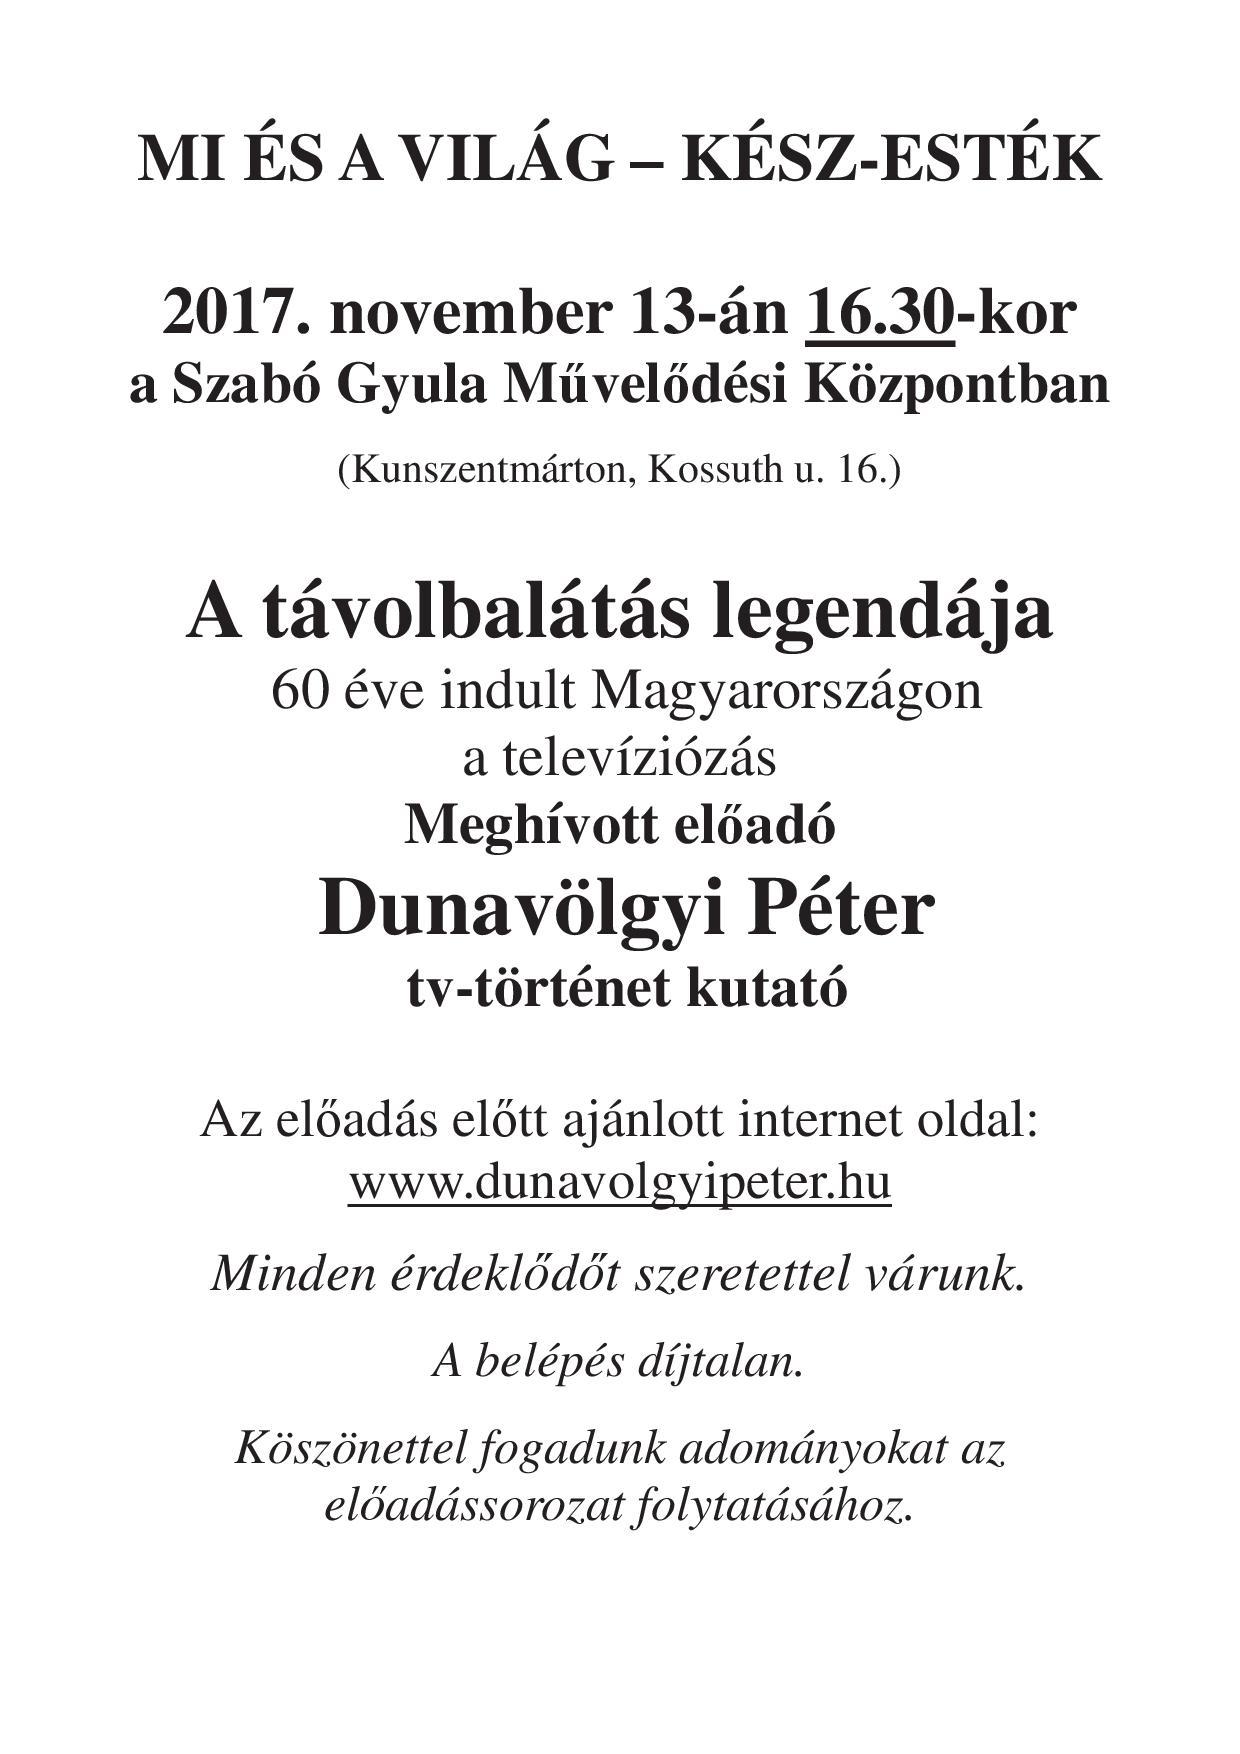 KÉSZ-ESTÉK november-001